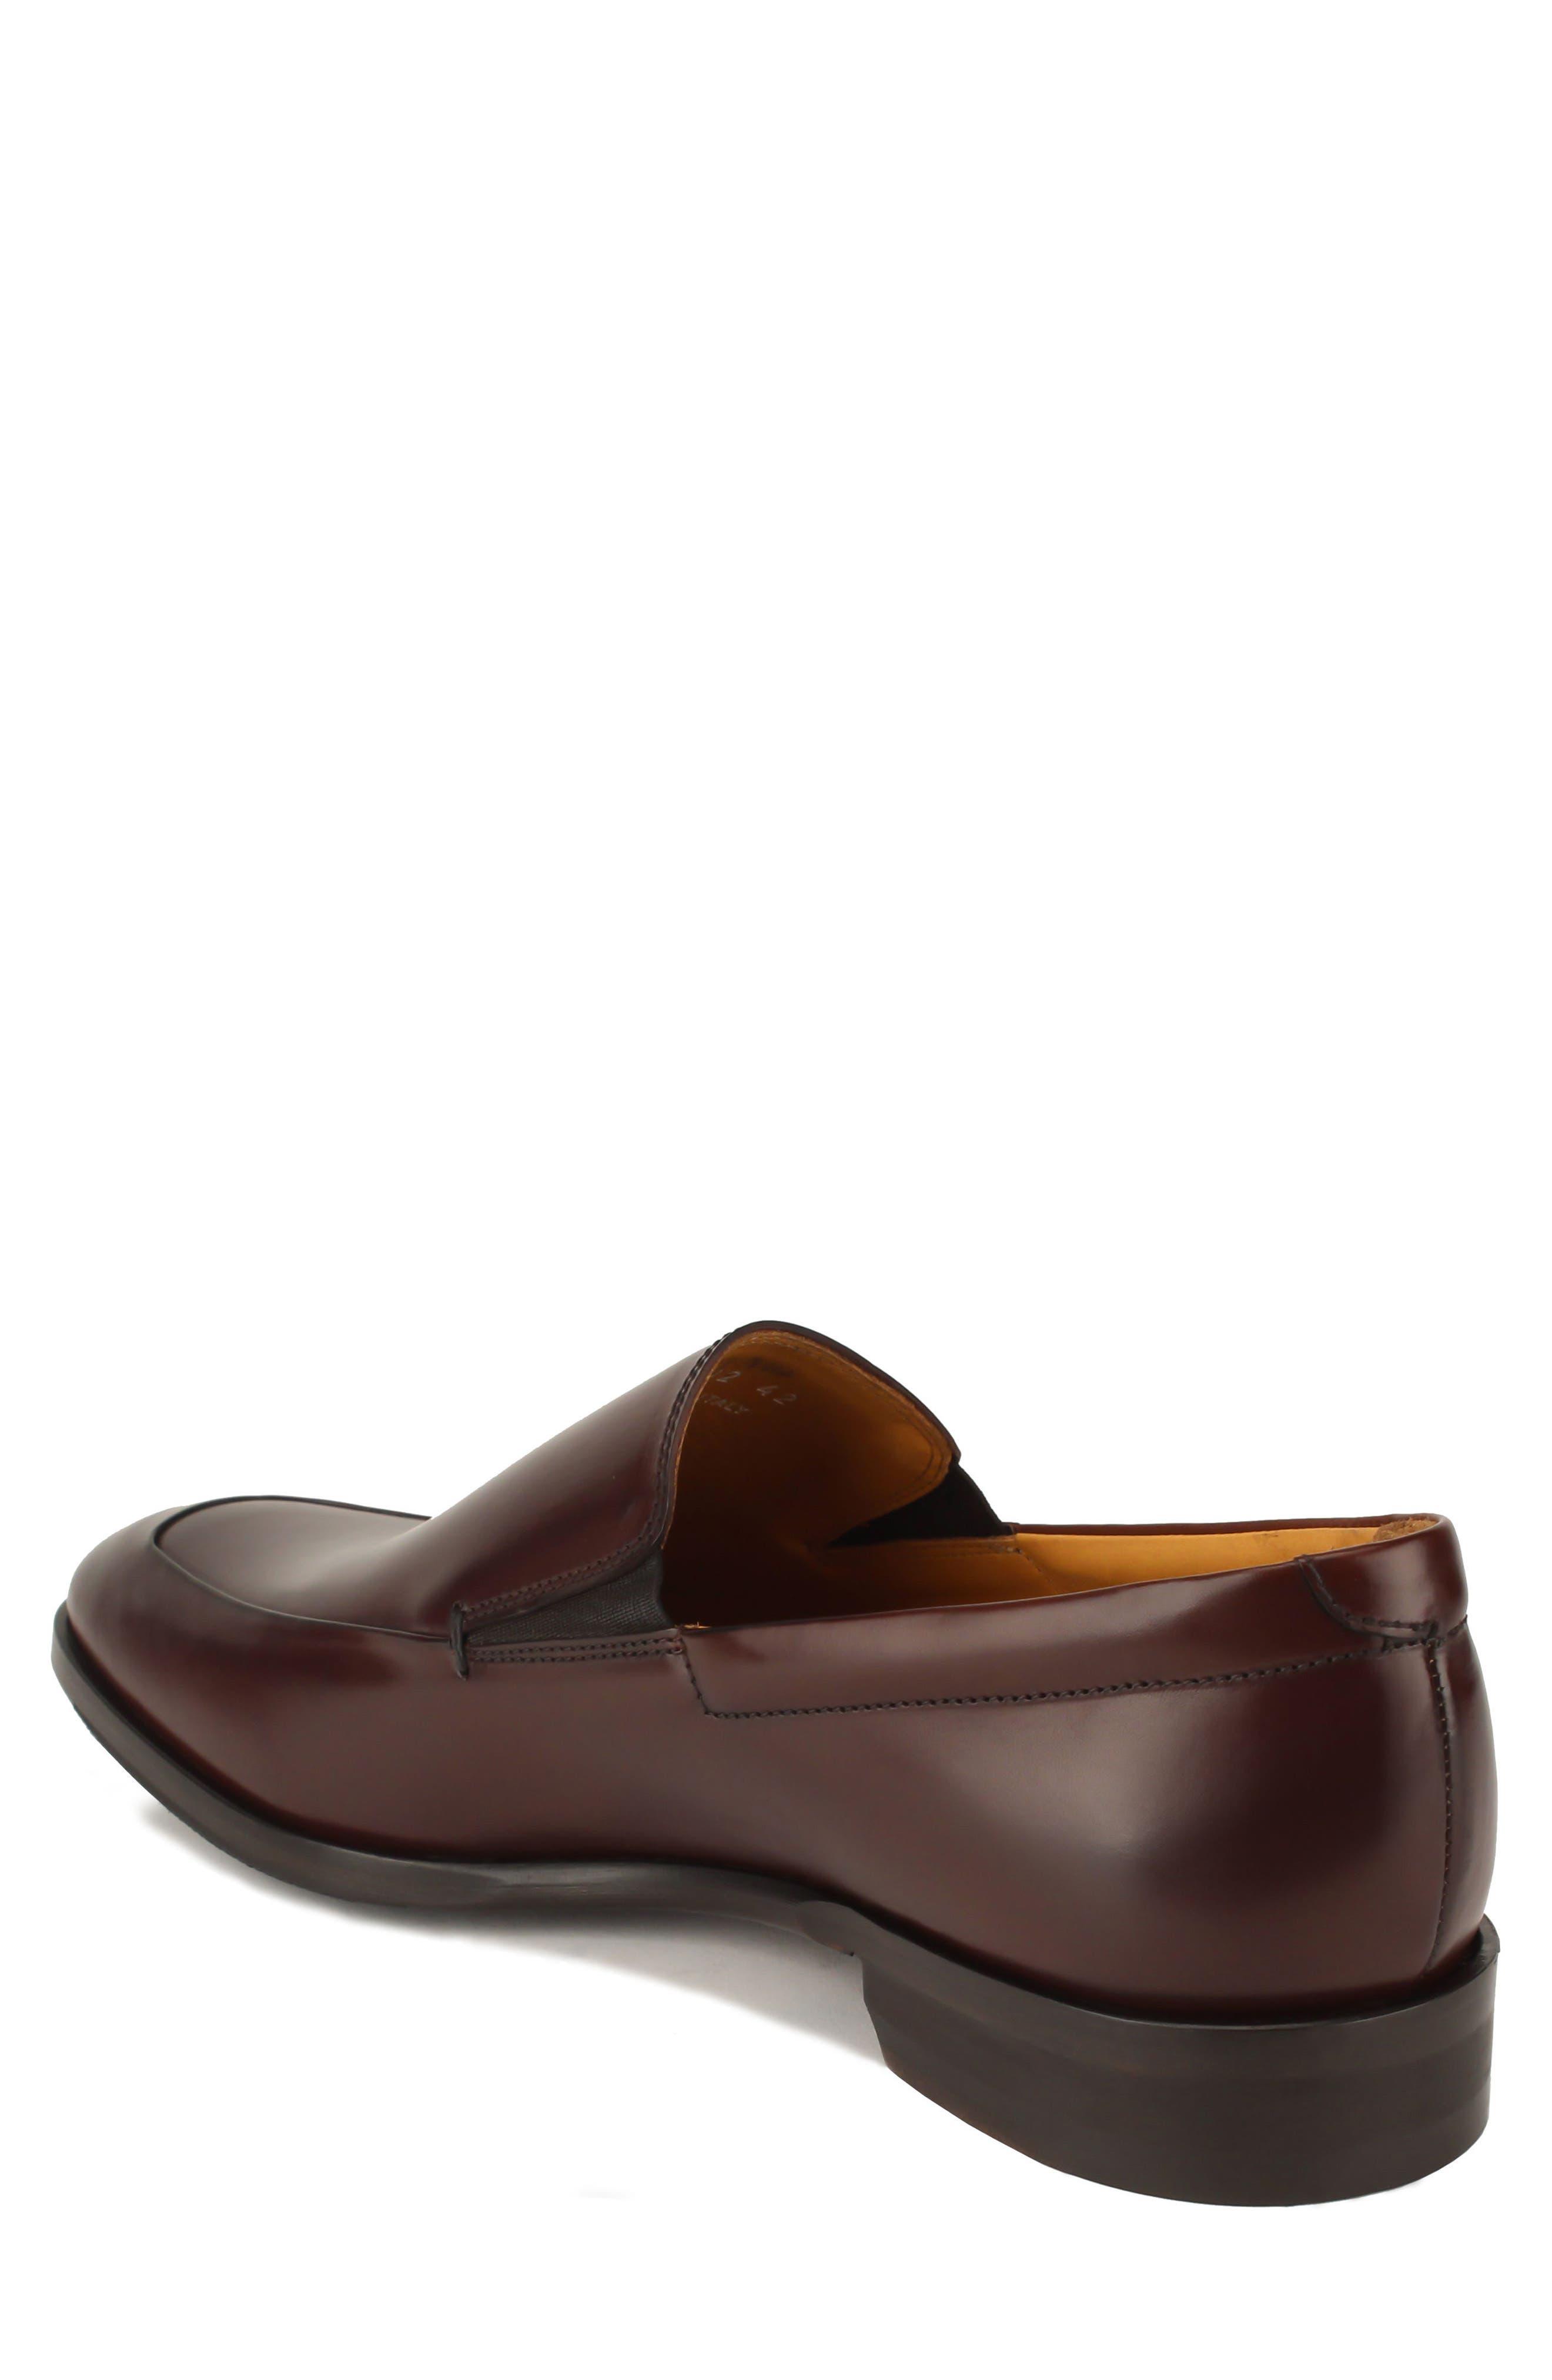 Alternate Image 2  - Gordon Rush Brighton II Venetian Loafer (Men)